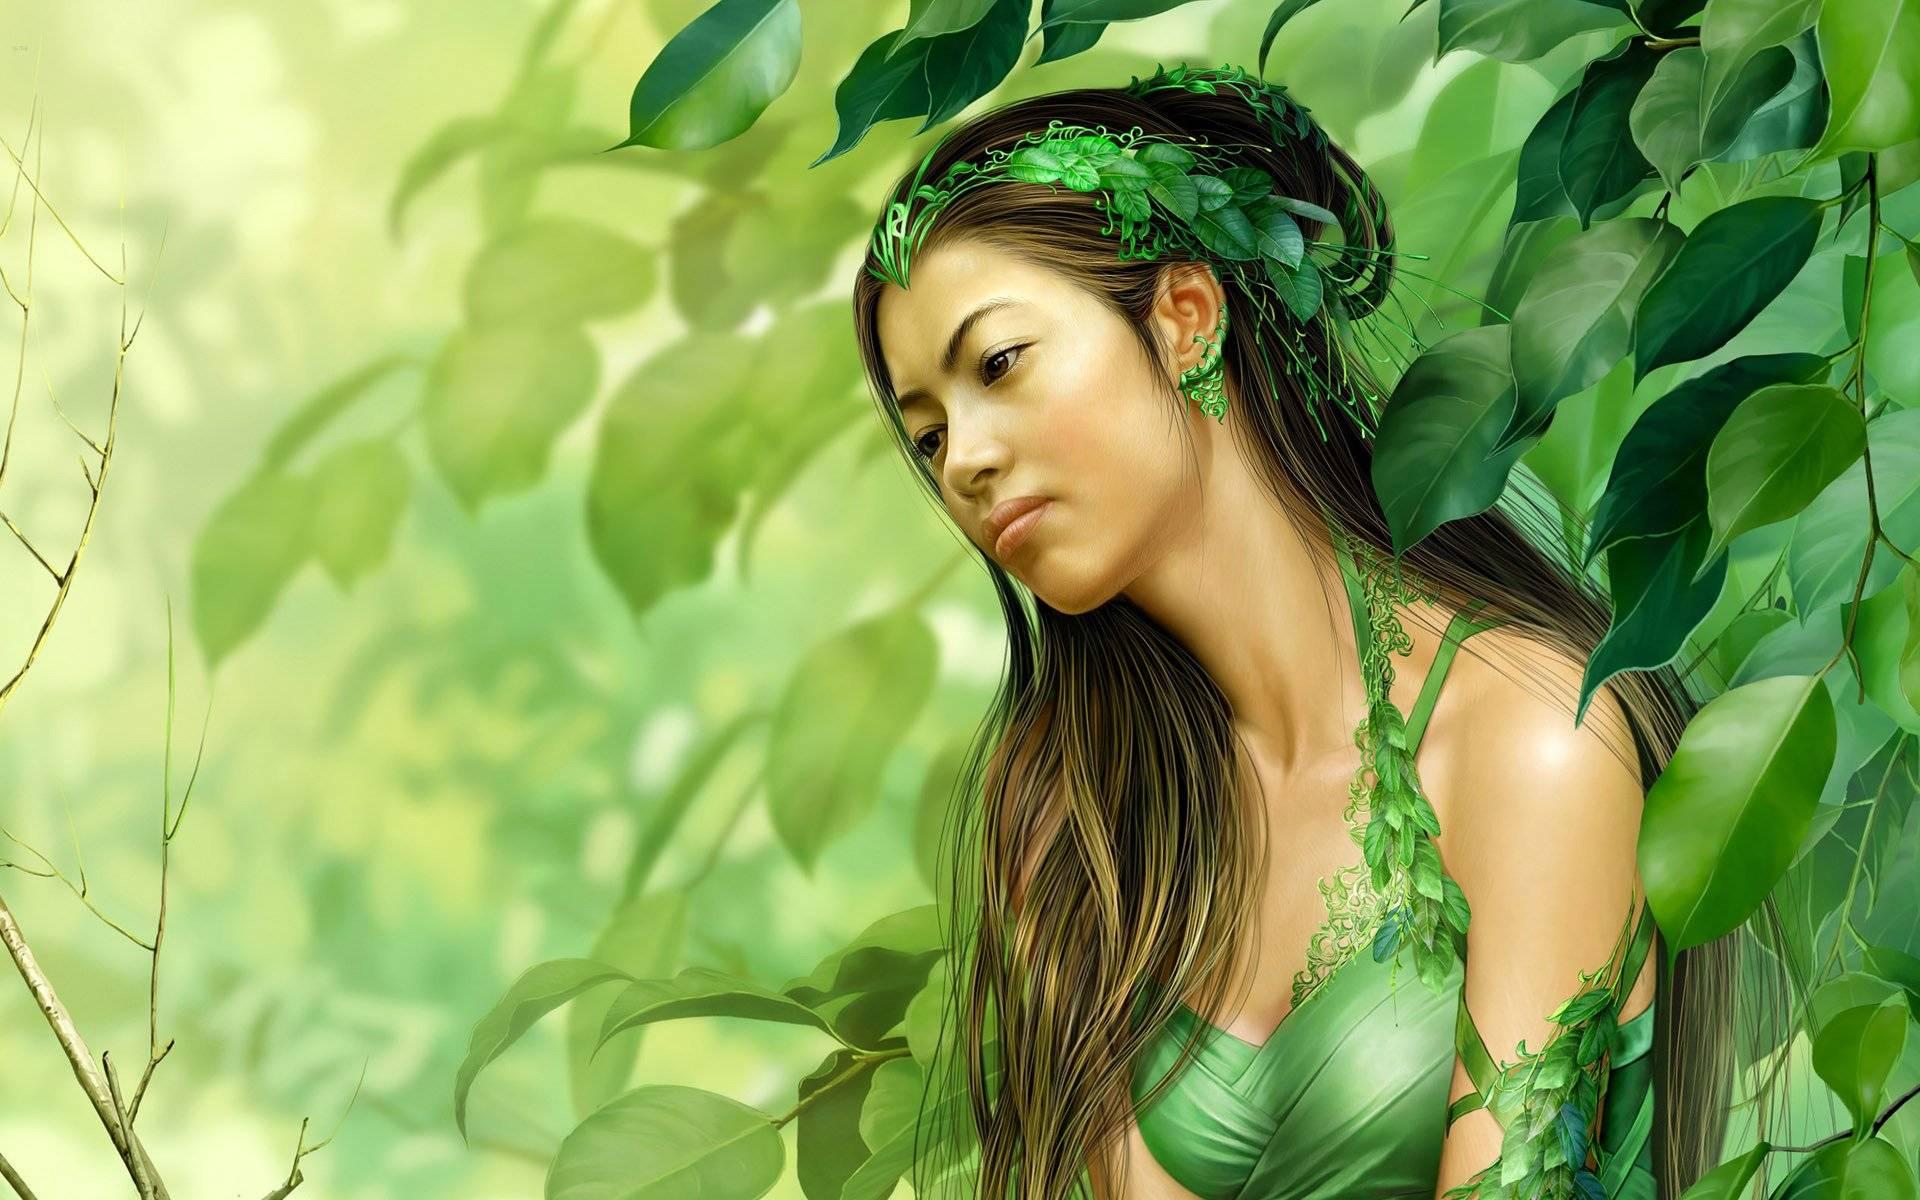 Категория:зеленые дамы - зеленые дамы